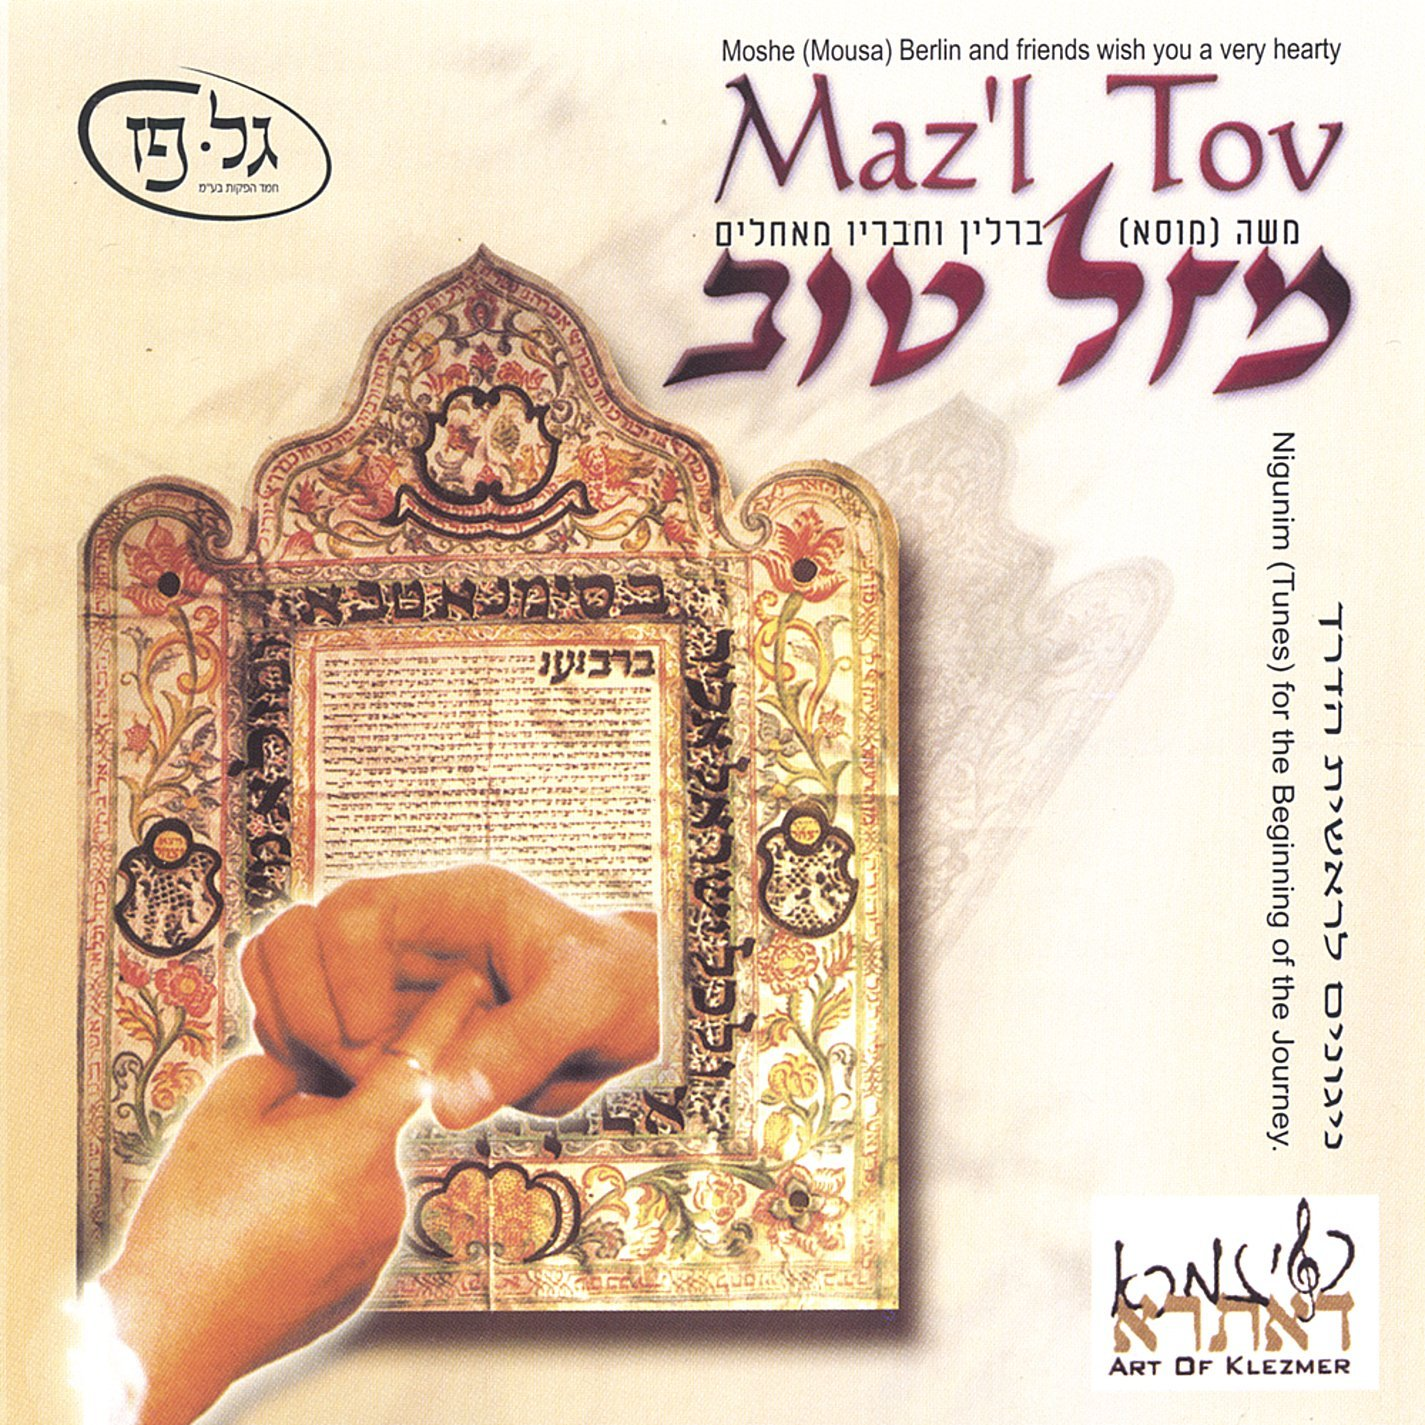 Moshe (Musa) Berlin - Maz'l Tov (2005)